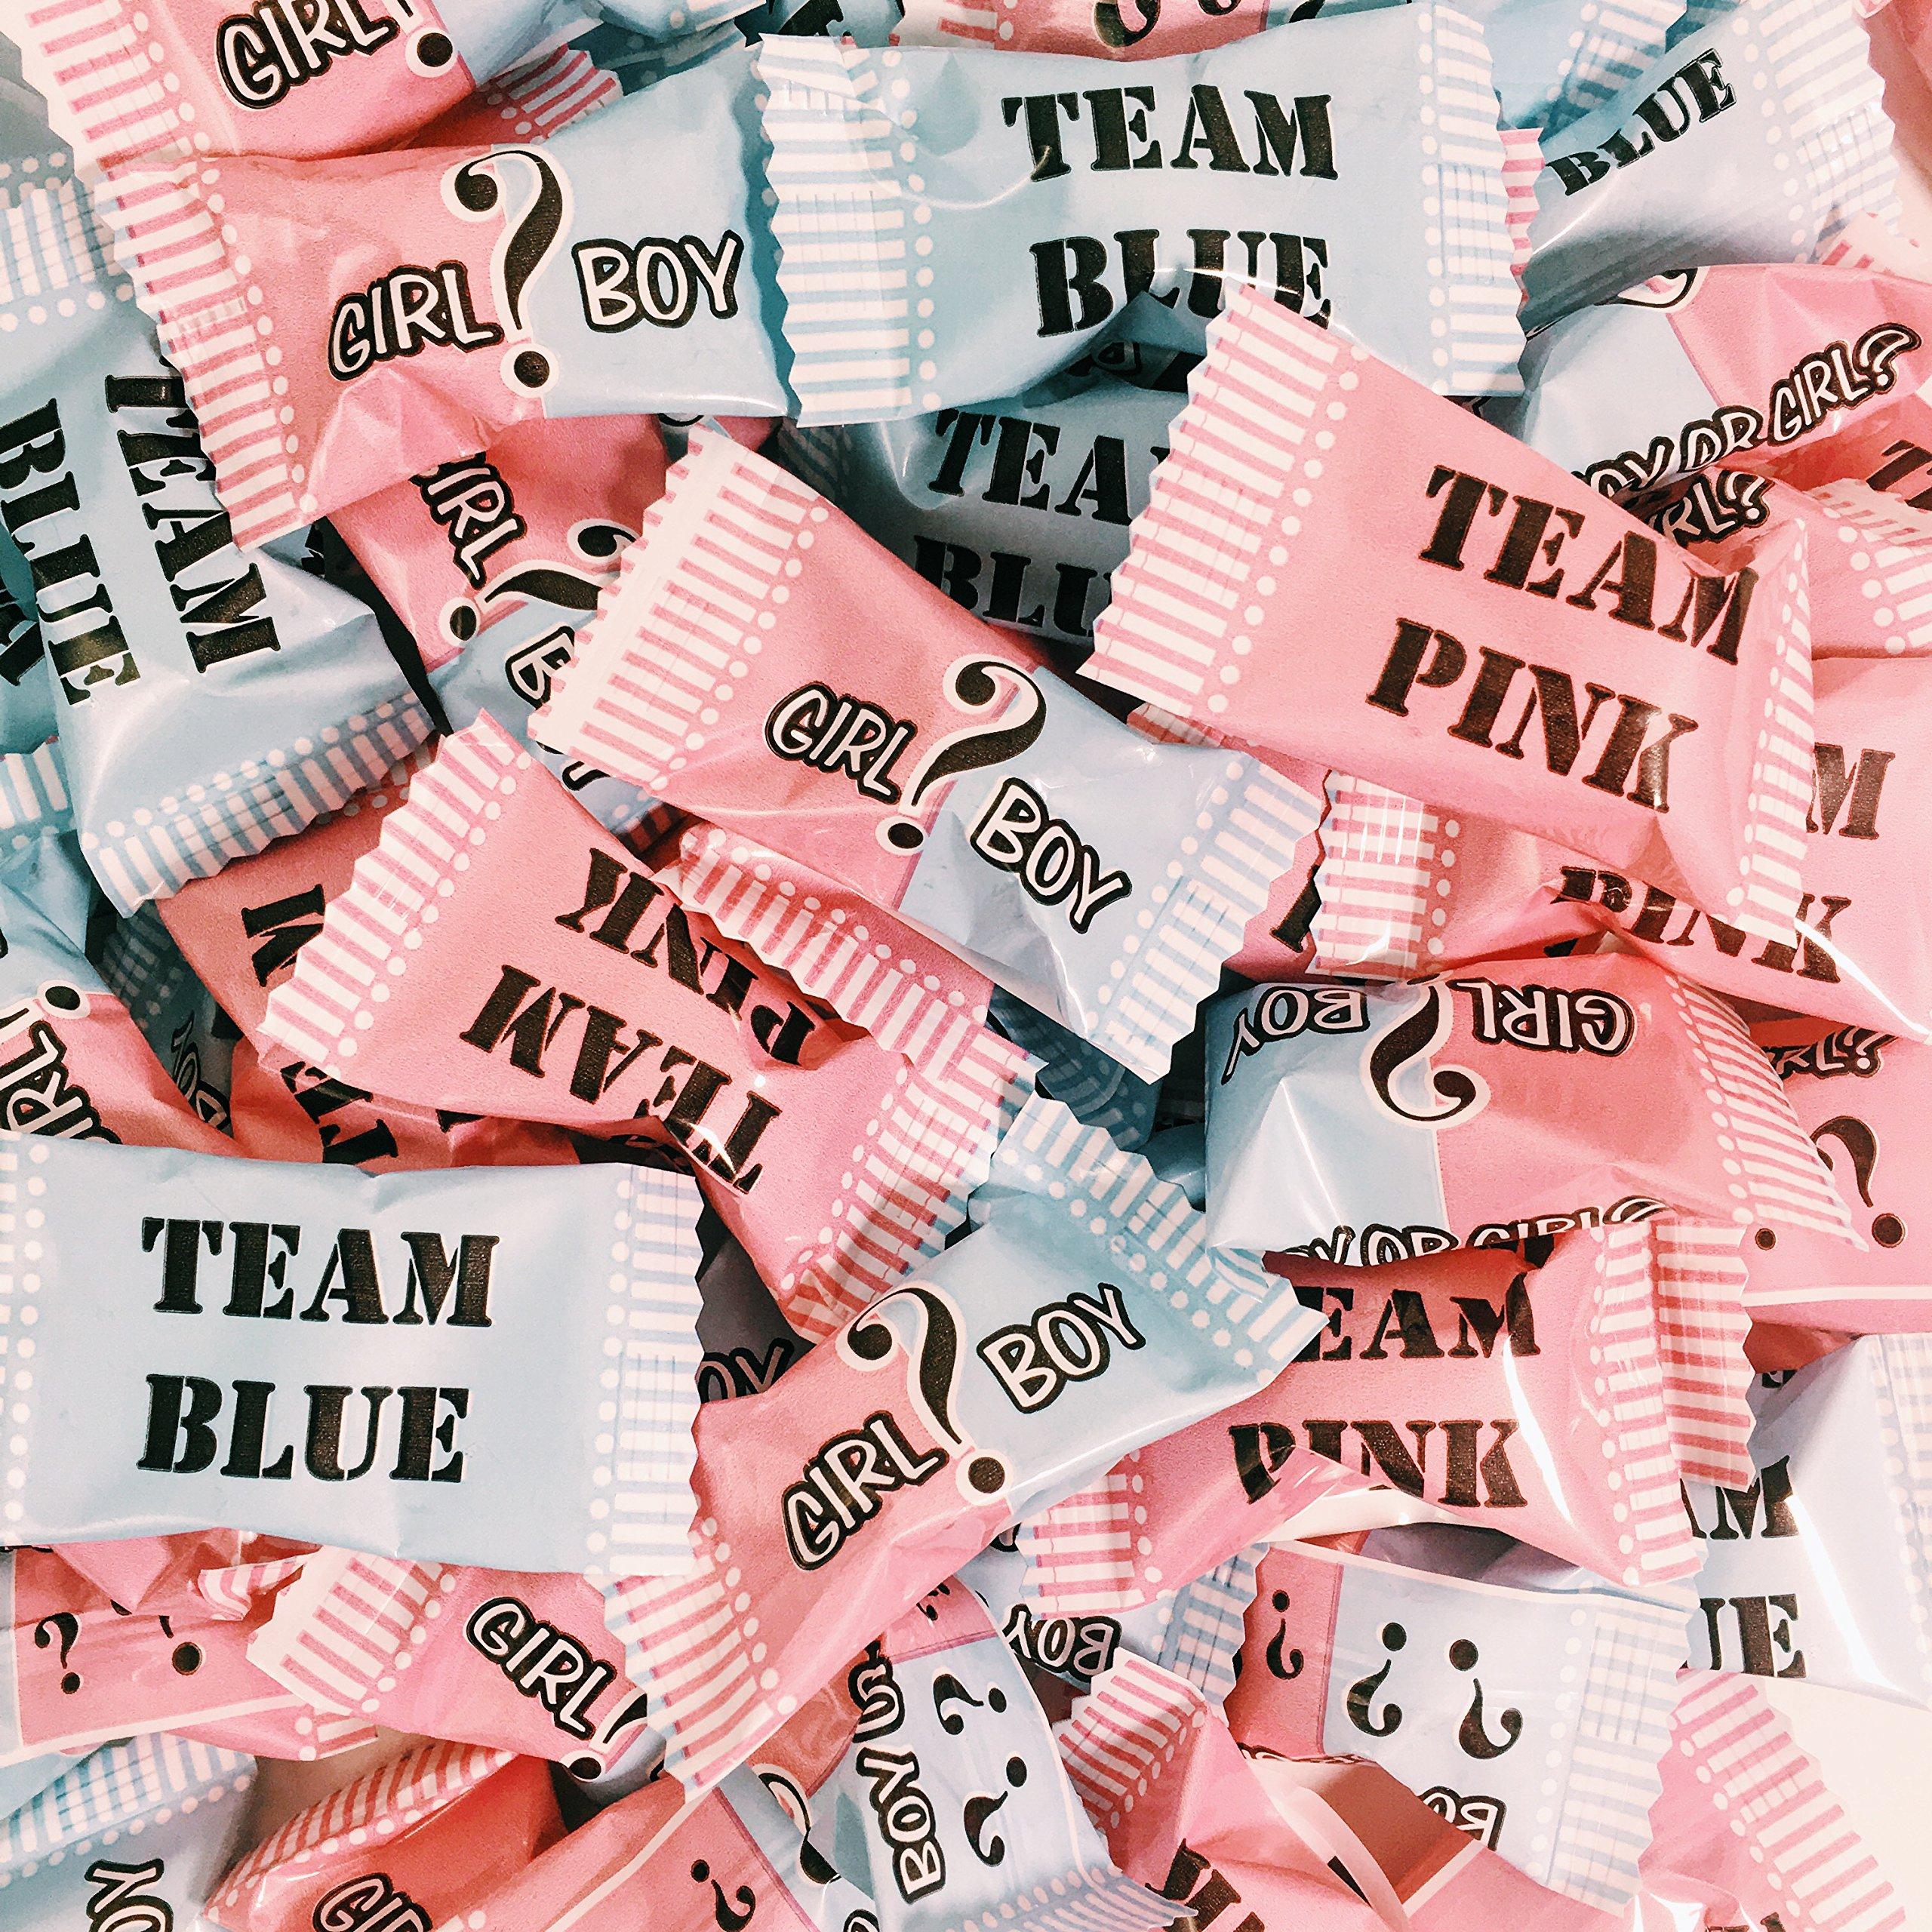 Amazon.com : Buttermints - 13 oz. Bag - Approximately 100 ...